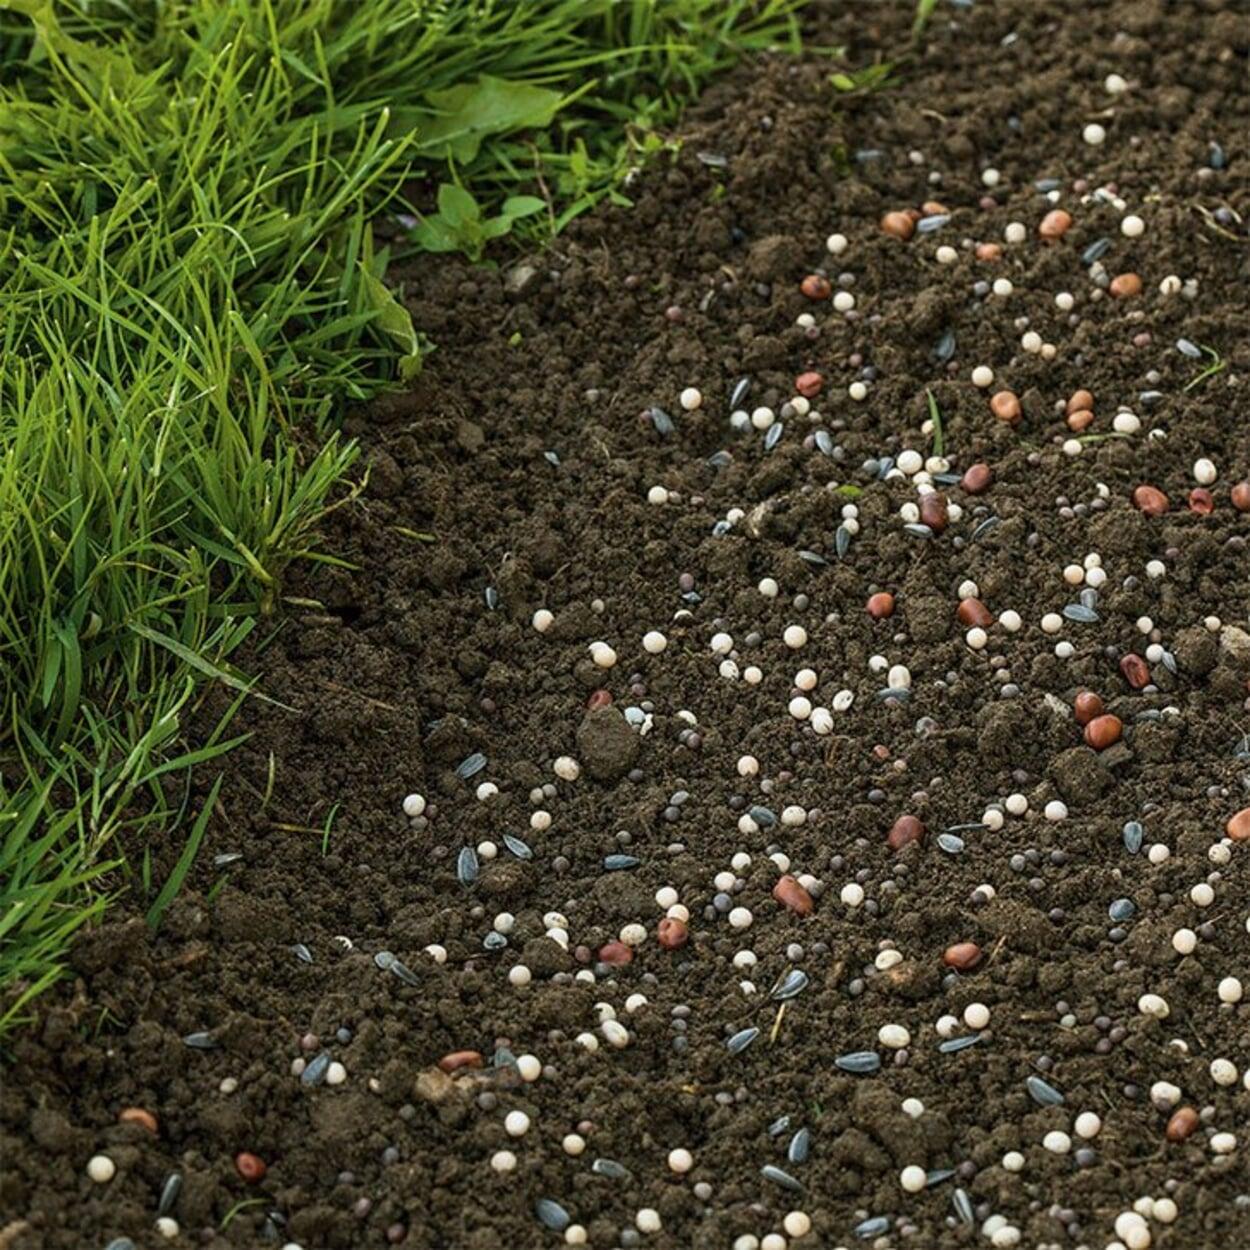 Brachliegende Flächen mit einer Gründüngung schützen